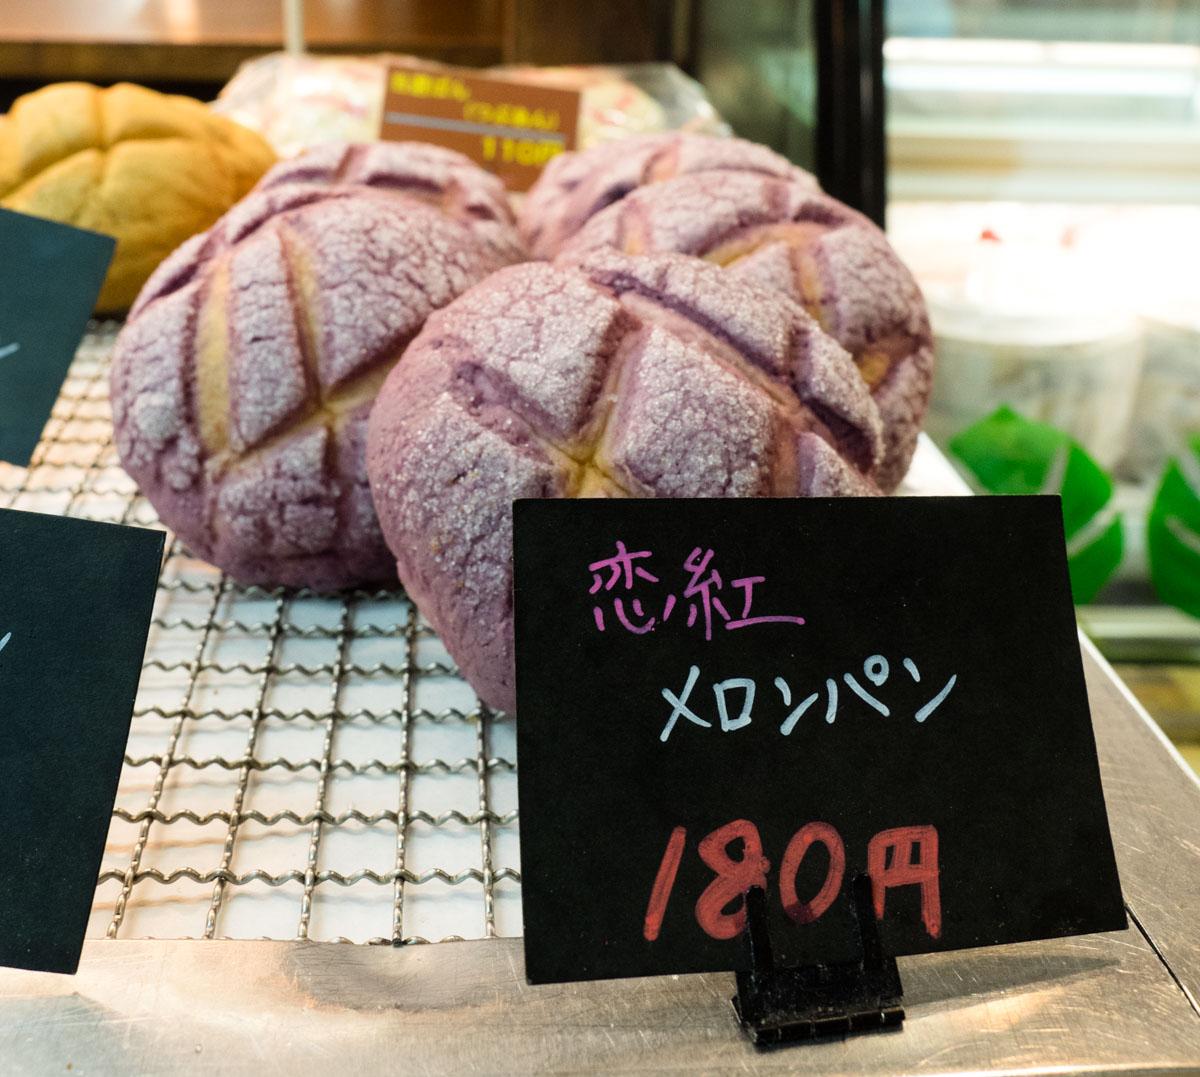 紫色のメロンパン